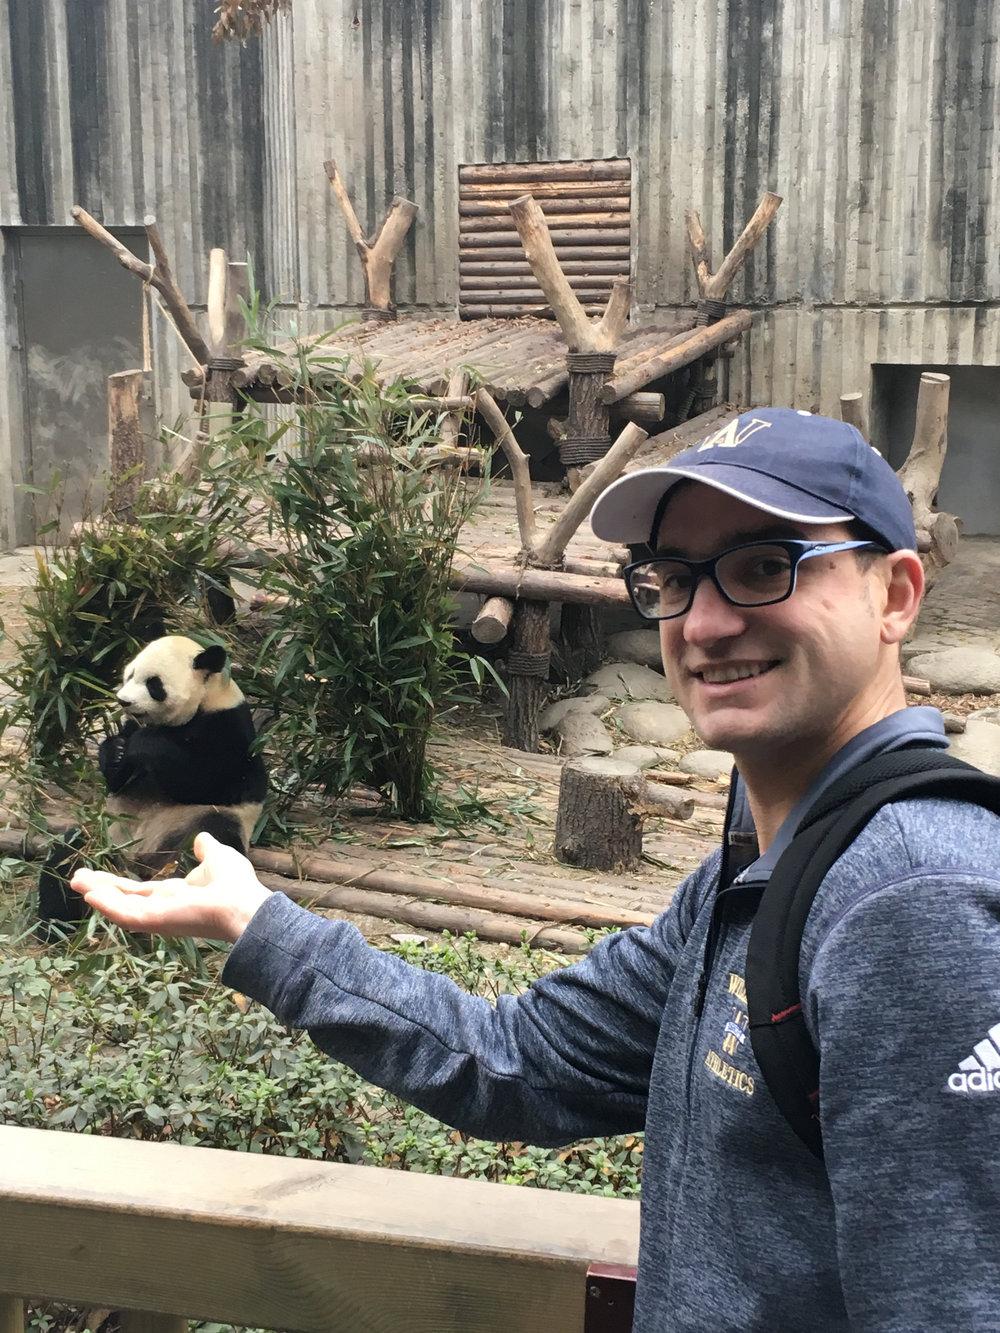 Panda - 1 (1).jpg